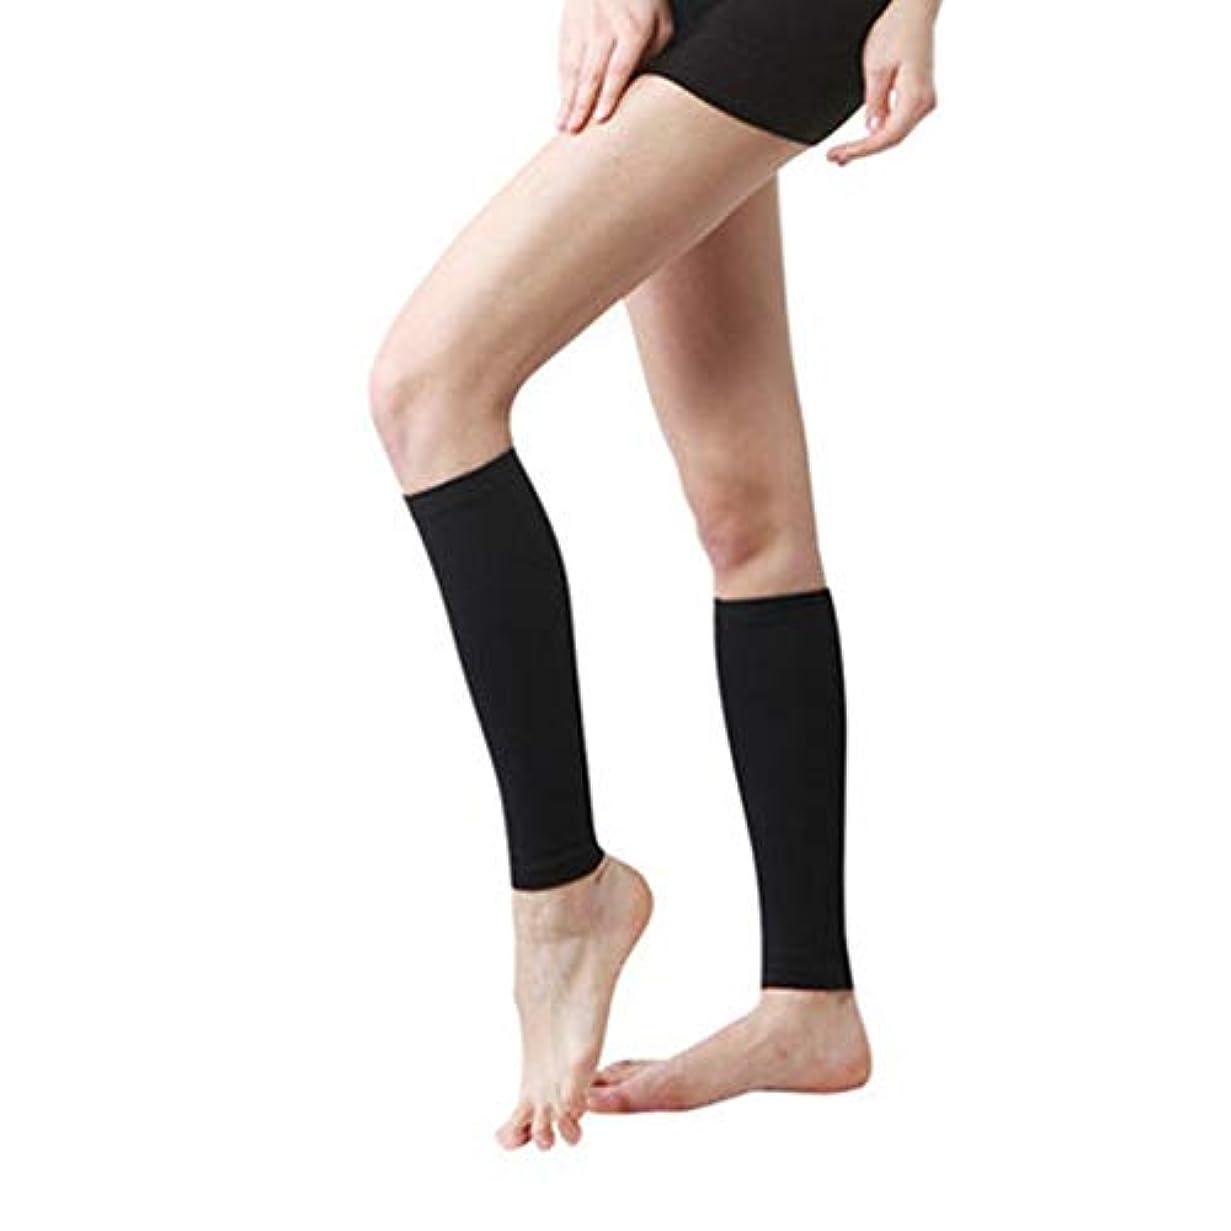 政令値するを必要としています丈夫な男性女性プロの圧縮靴下通気性のある旅行活動看護師用シンススプリントフライトトラベル - ブラック